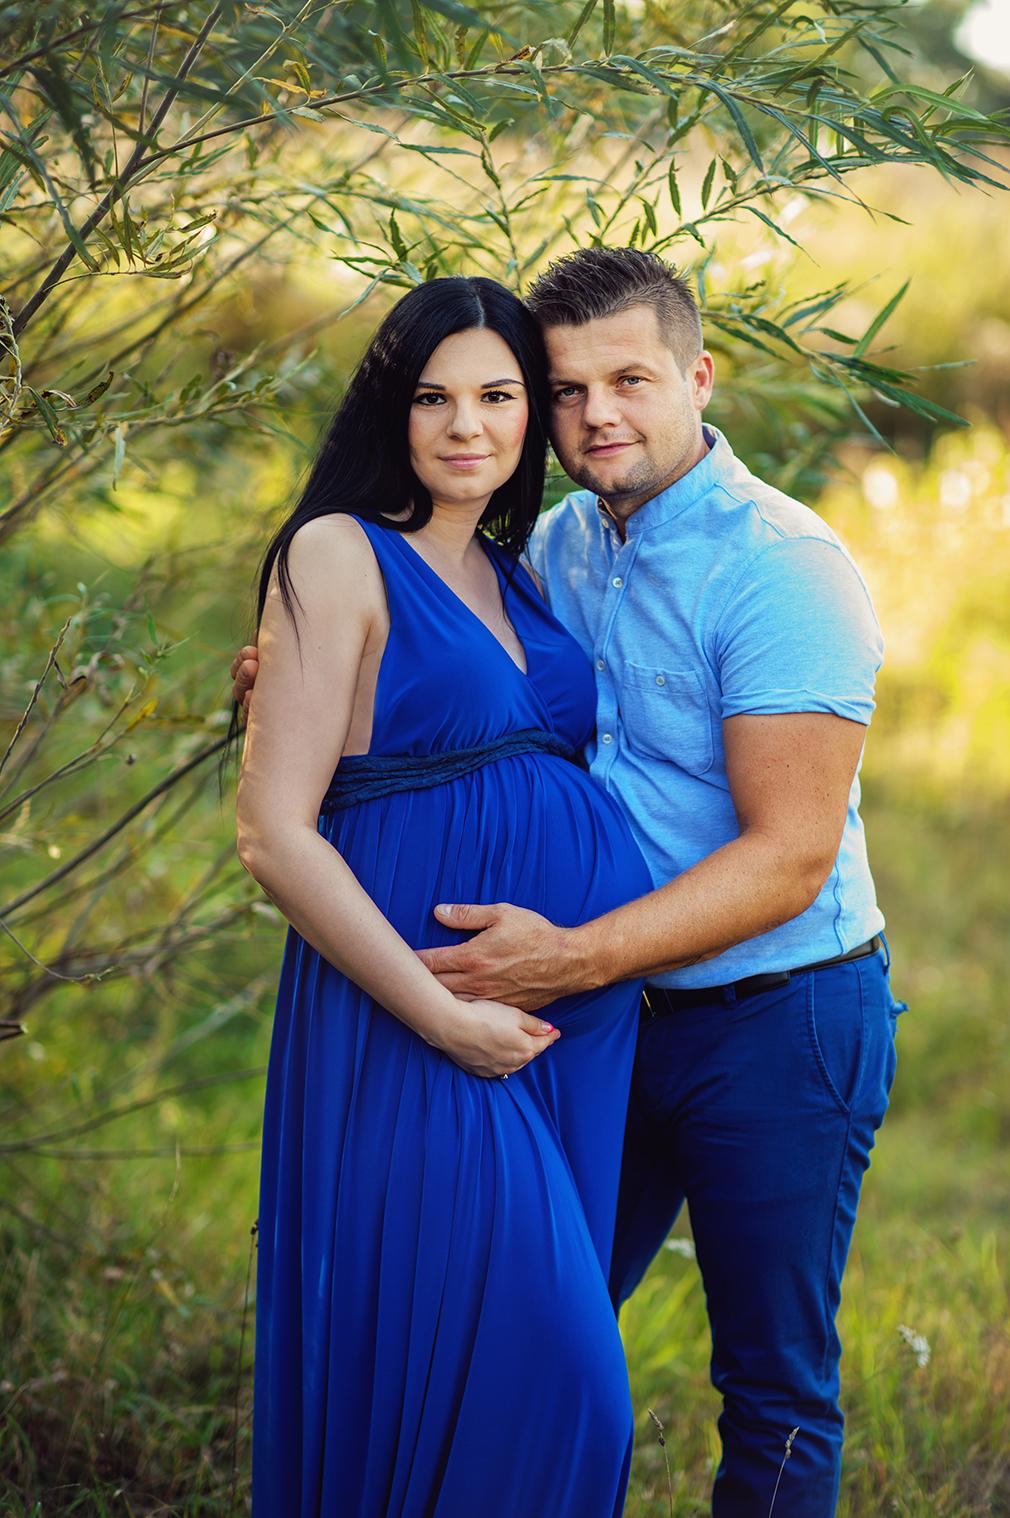 przyszli rodzice, mąż na sesji ciążowej, sesja ciążowa z mężem